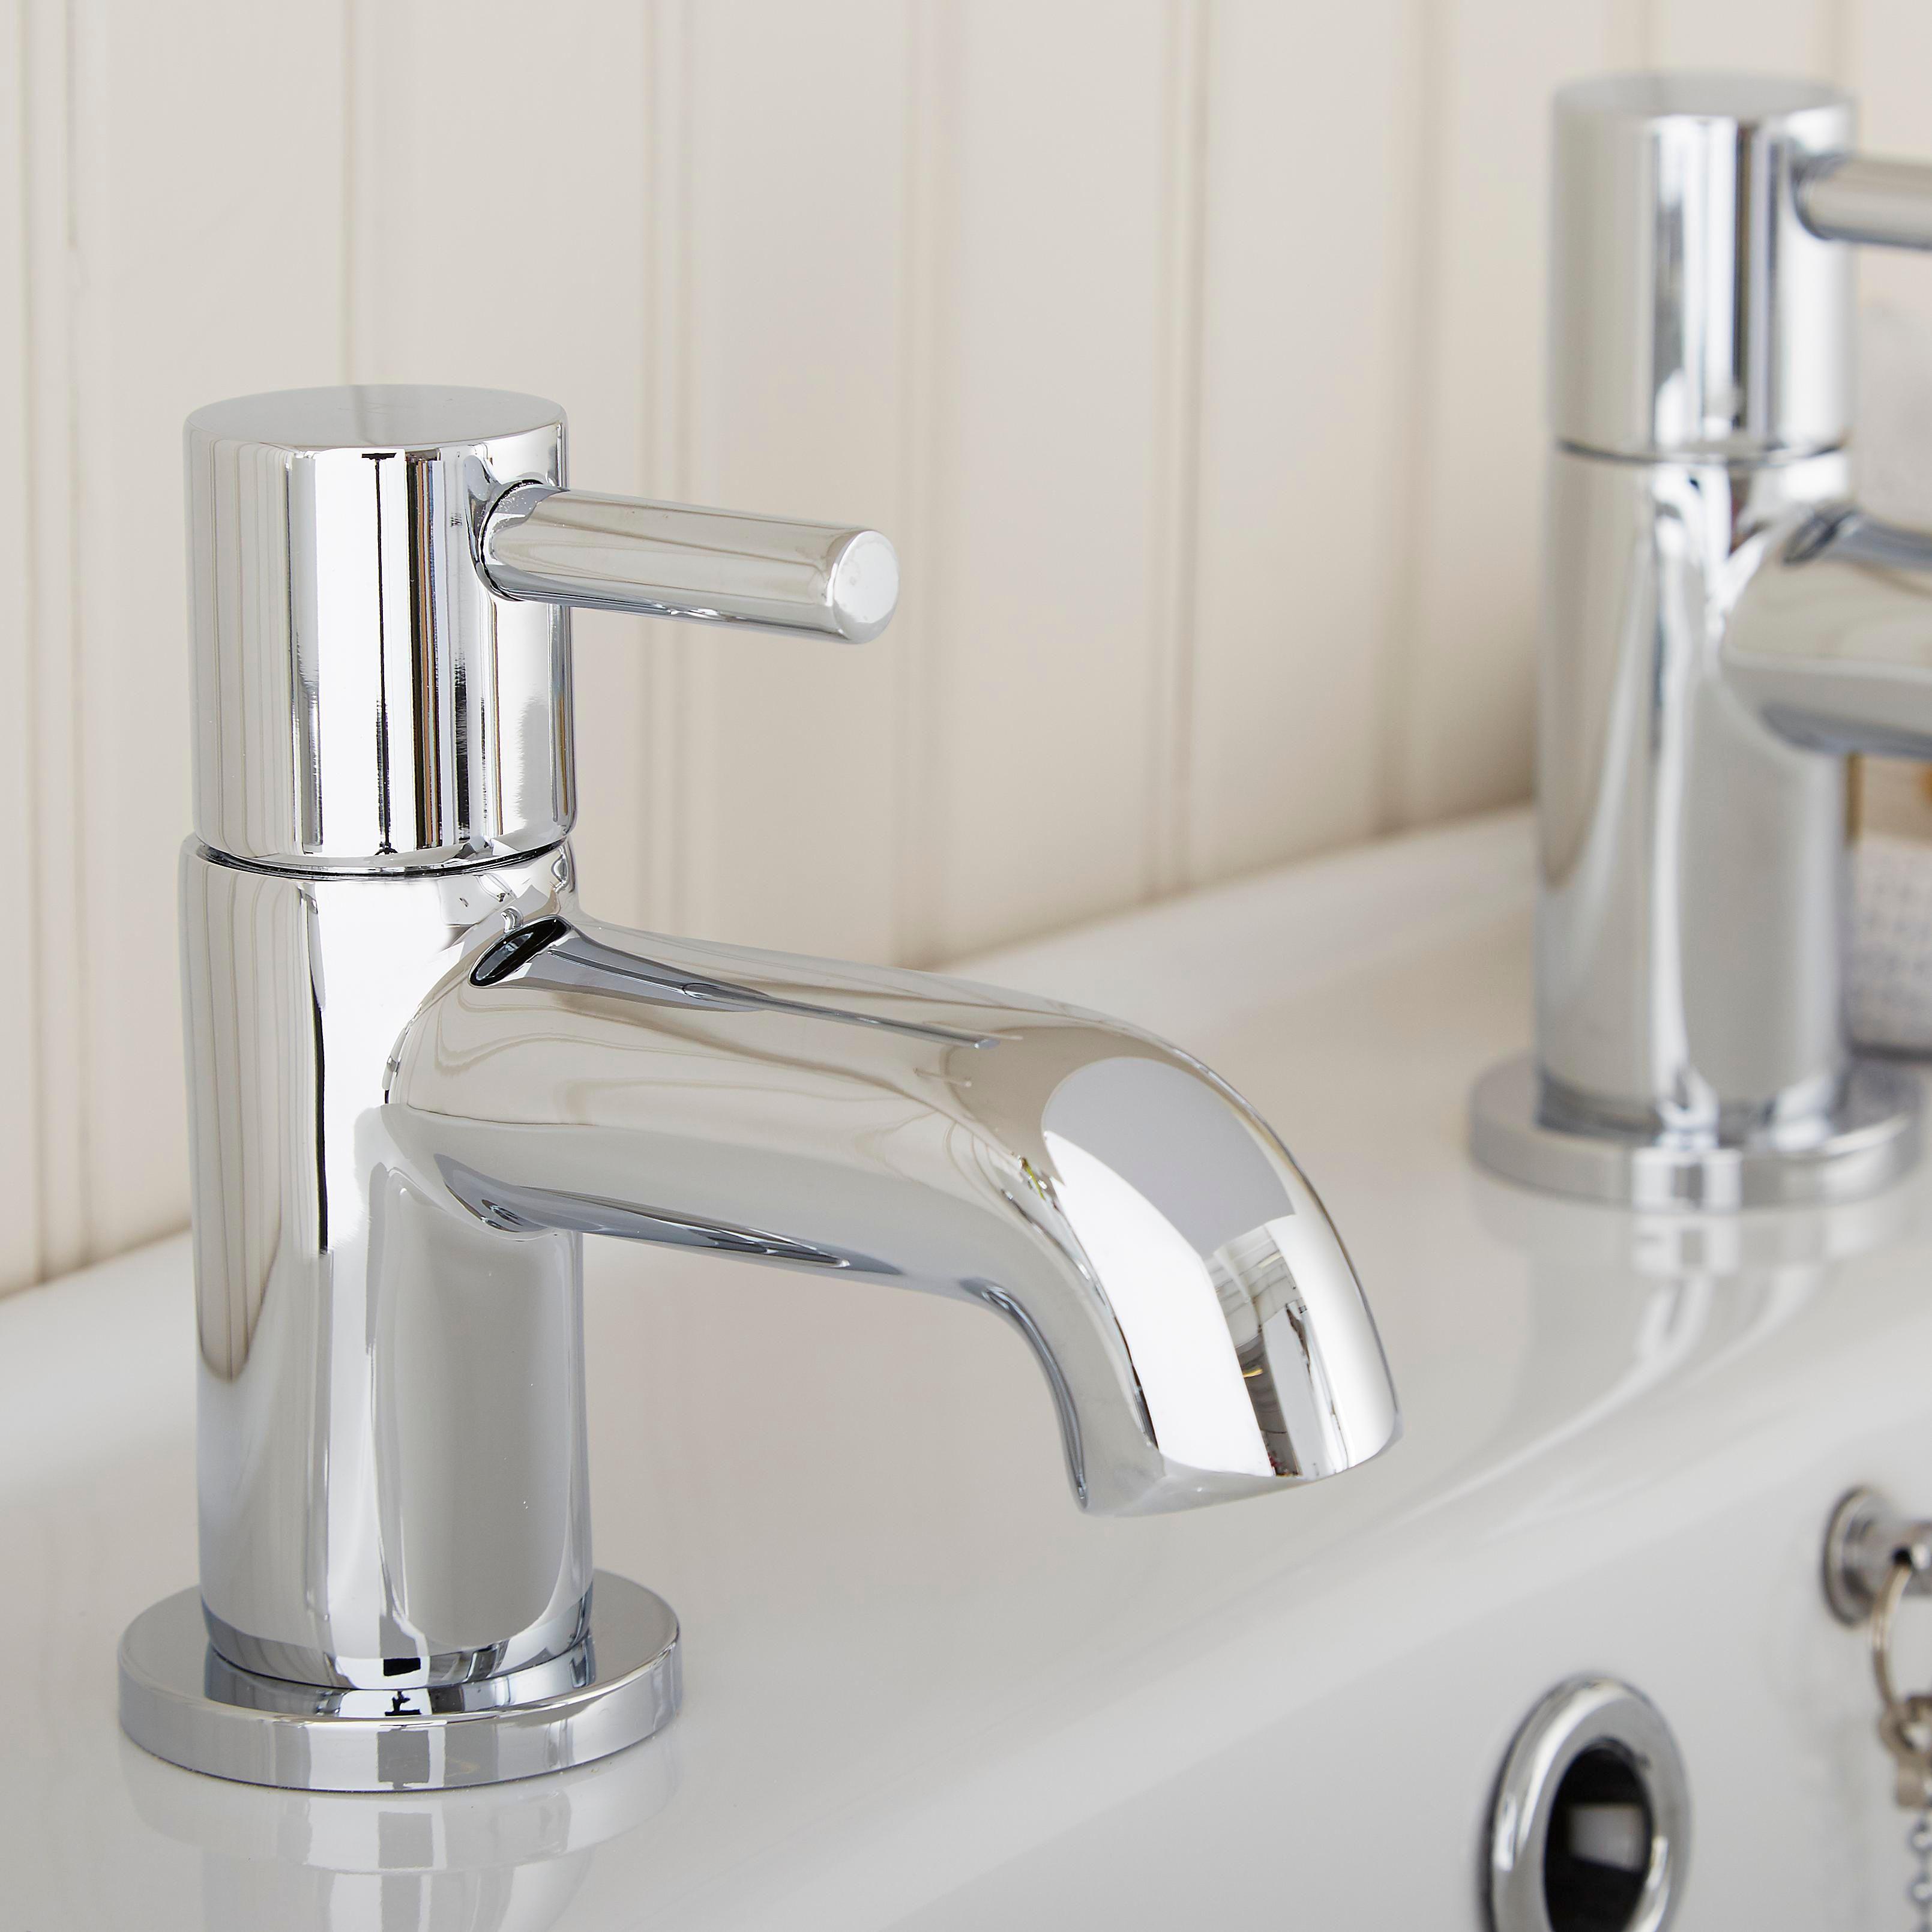 Bathroom fittings, floor-standing basin fittings TRCLIIP